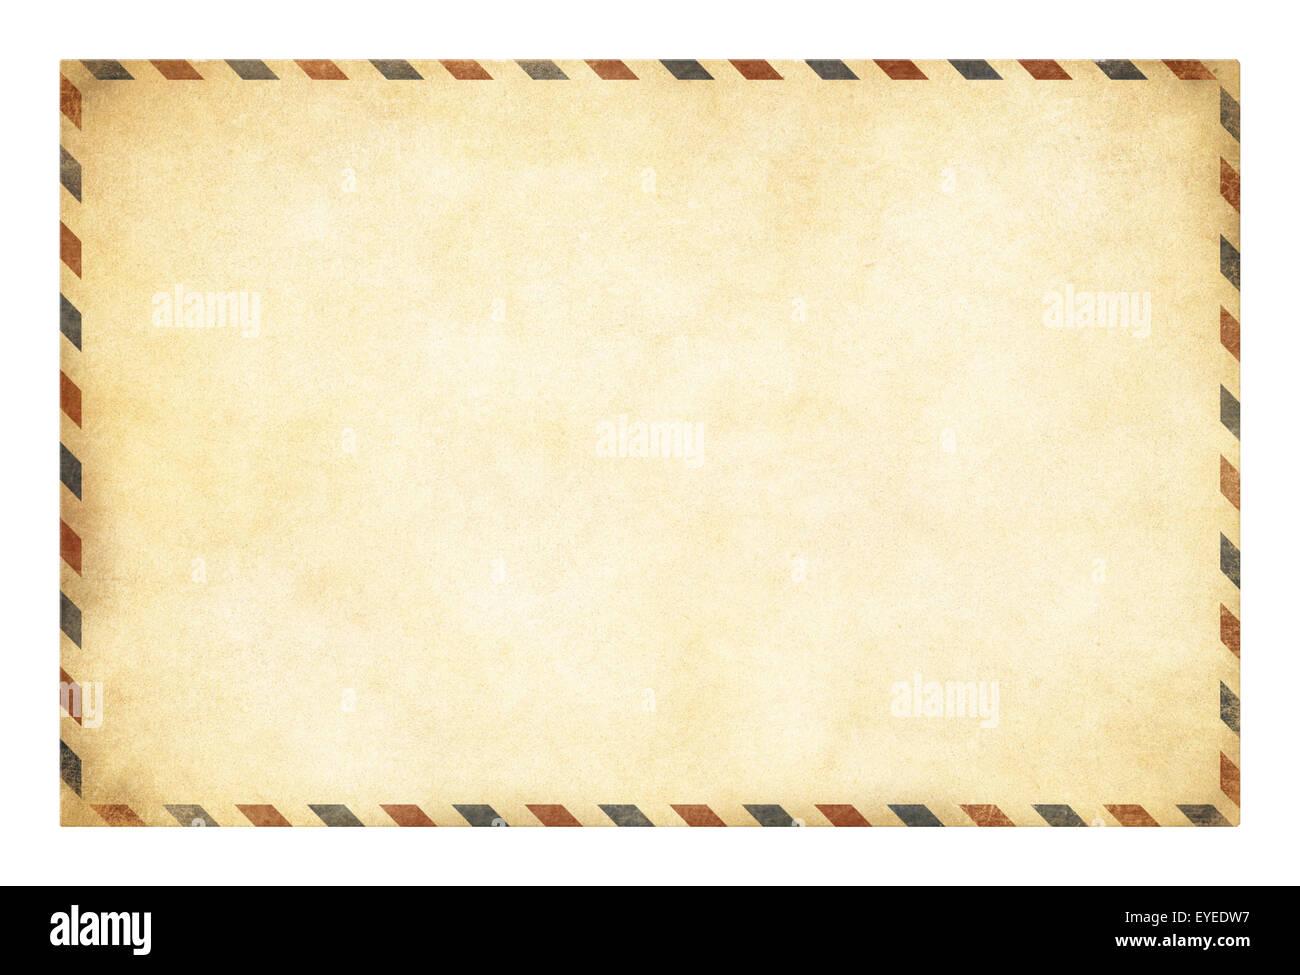 Alte Postkarte Vorlage mit Beschneidungspfad enthalten Stockfoto ...